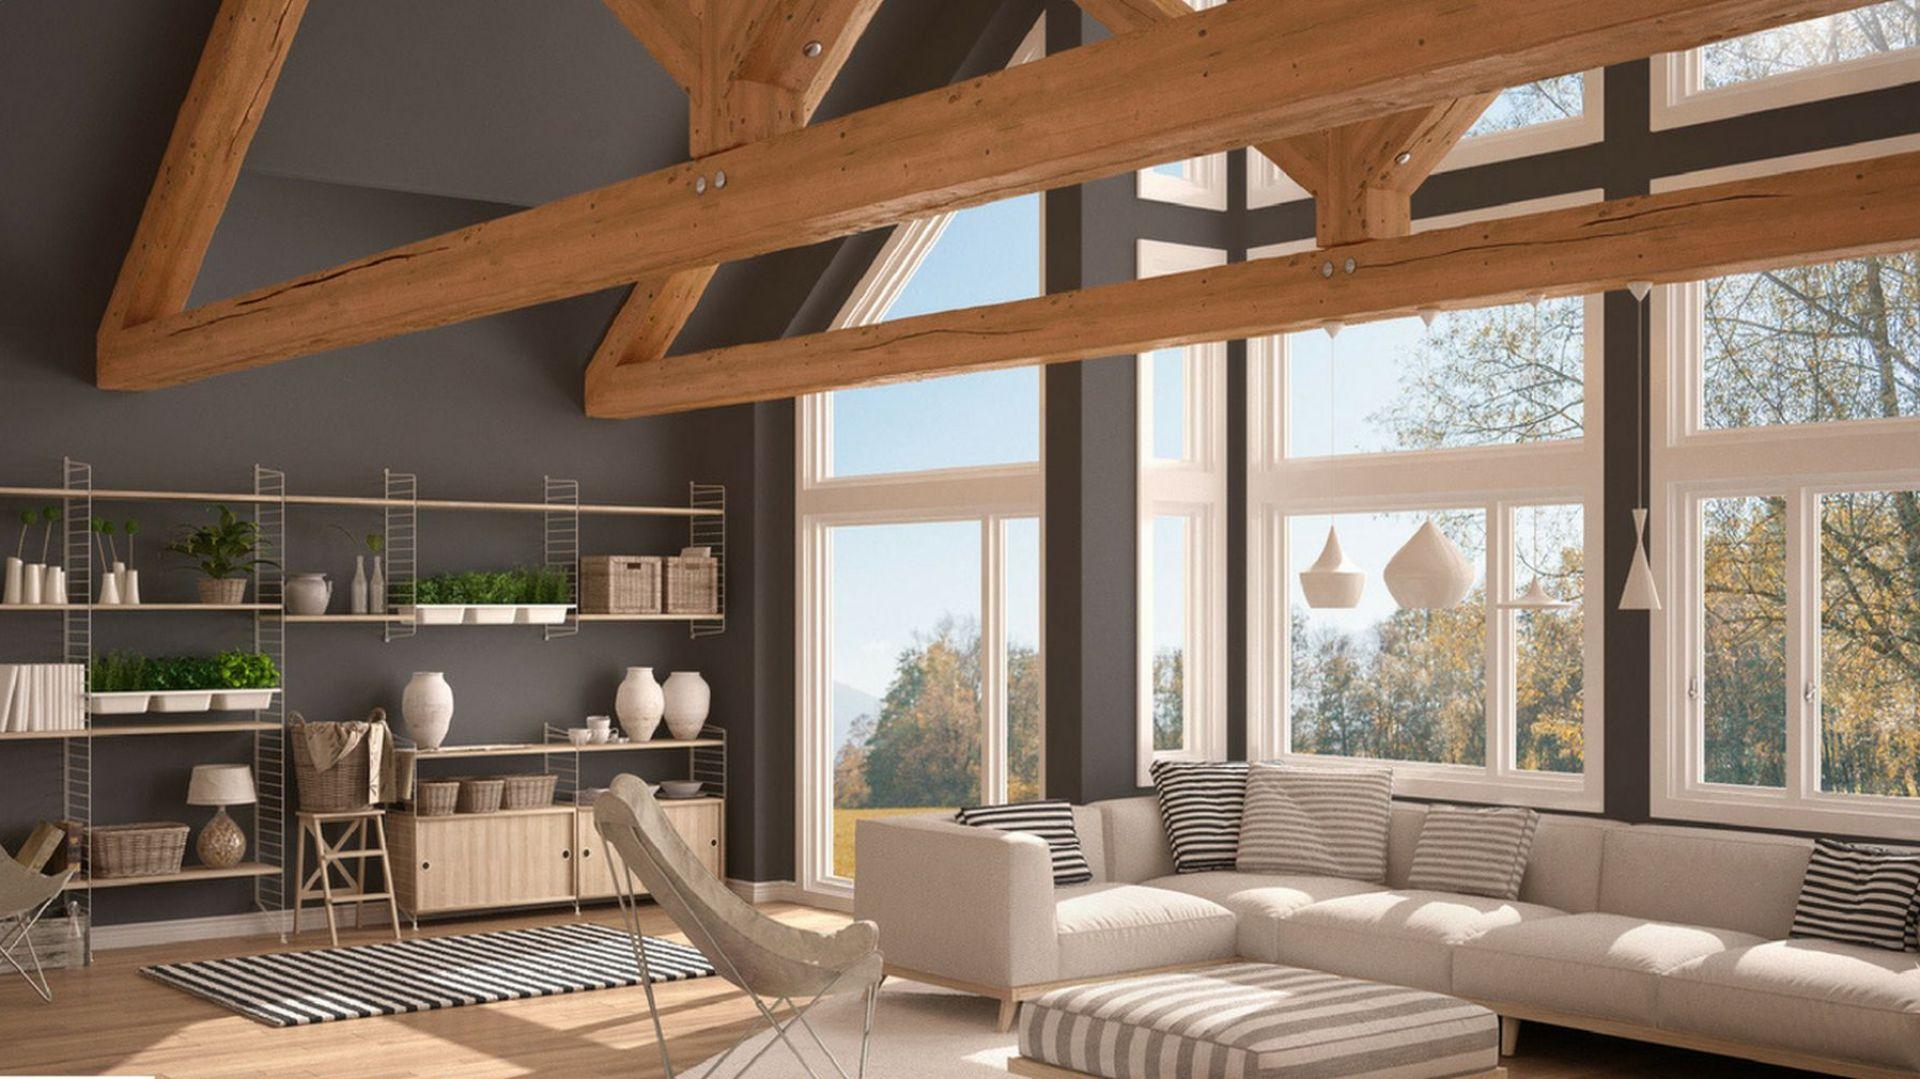 W tzw. styl eko doskonale wpisuje się drewniana podłoga, która wprowadza do wnętrza ciepło i elegancję. Niezawodne kleje do jej montażu oferuje firma Soudal. Fot. Soudal